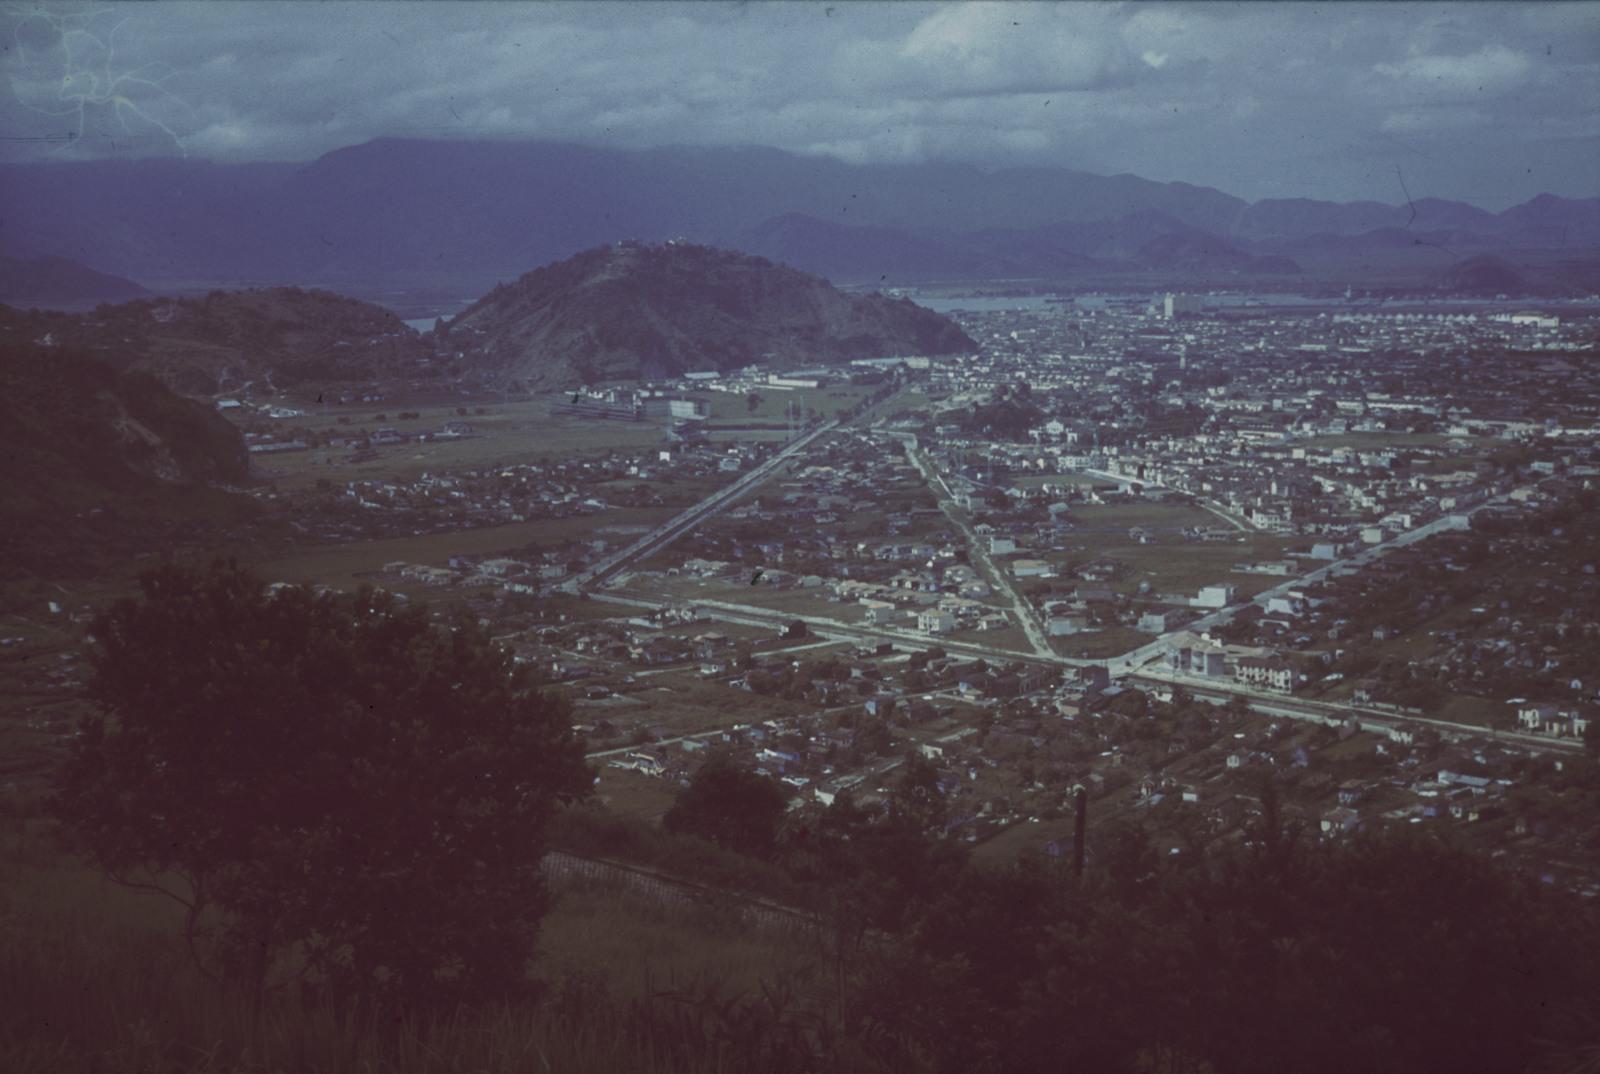 Вид на прибрежный город с возвышенности